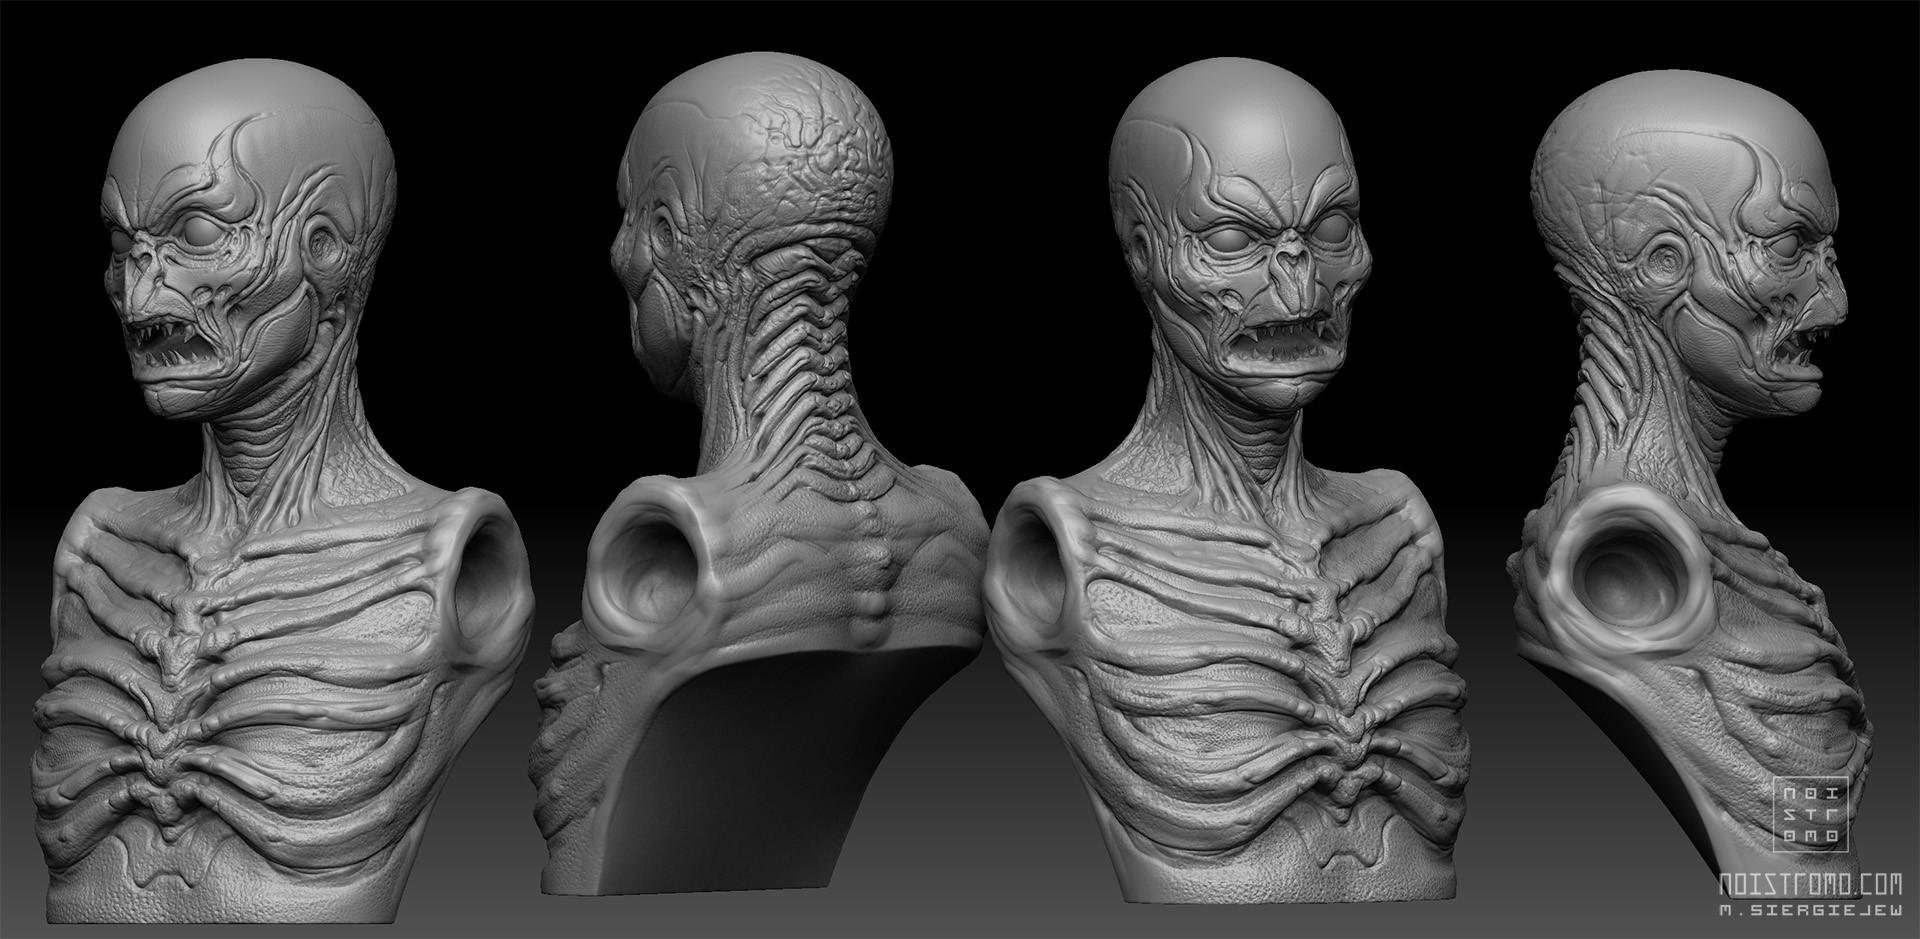 Marius siergiejew zombie mutant by noistromo wip zbshot 002